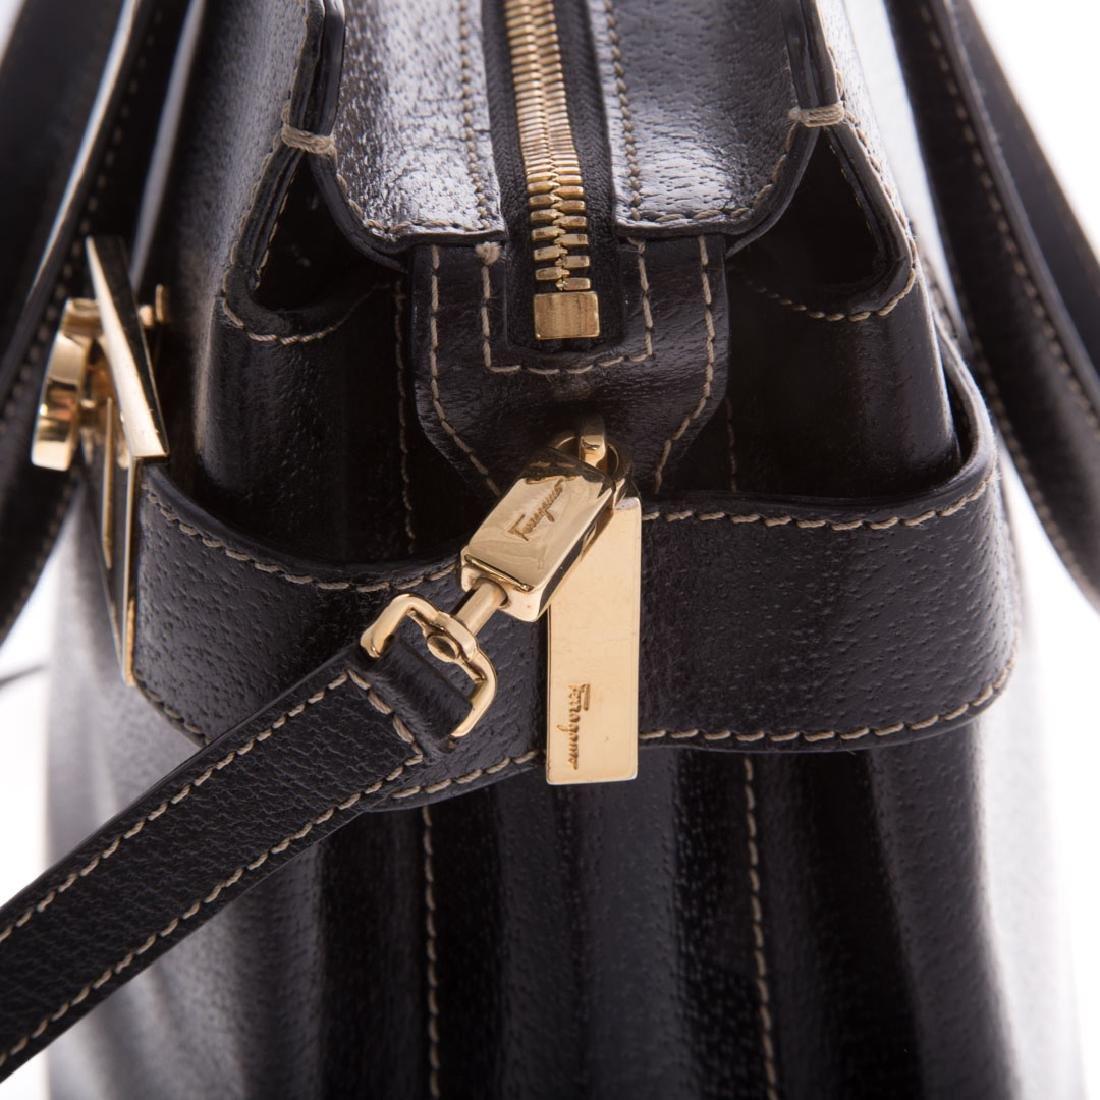 A Salvatore Ferragamo Gancini Handbag - 5